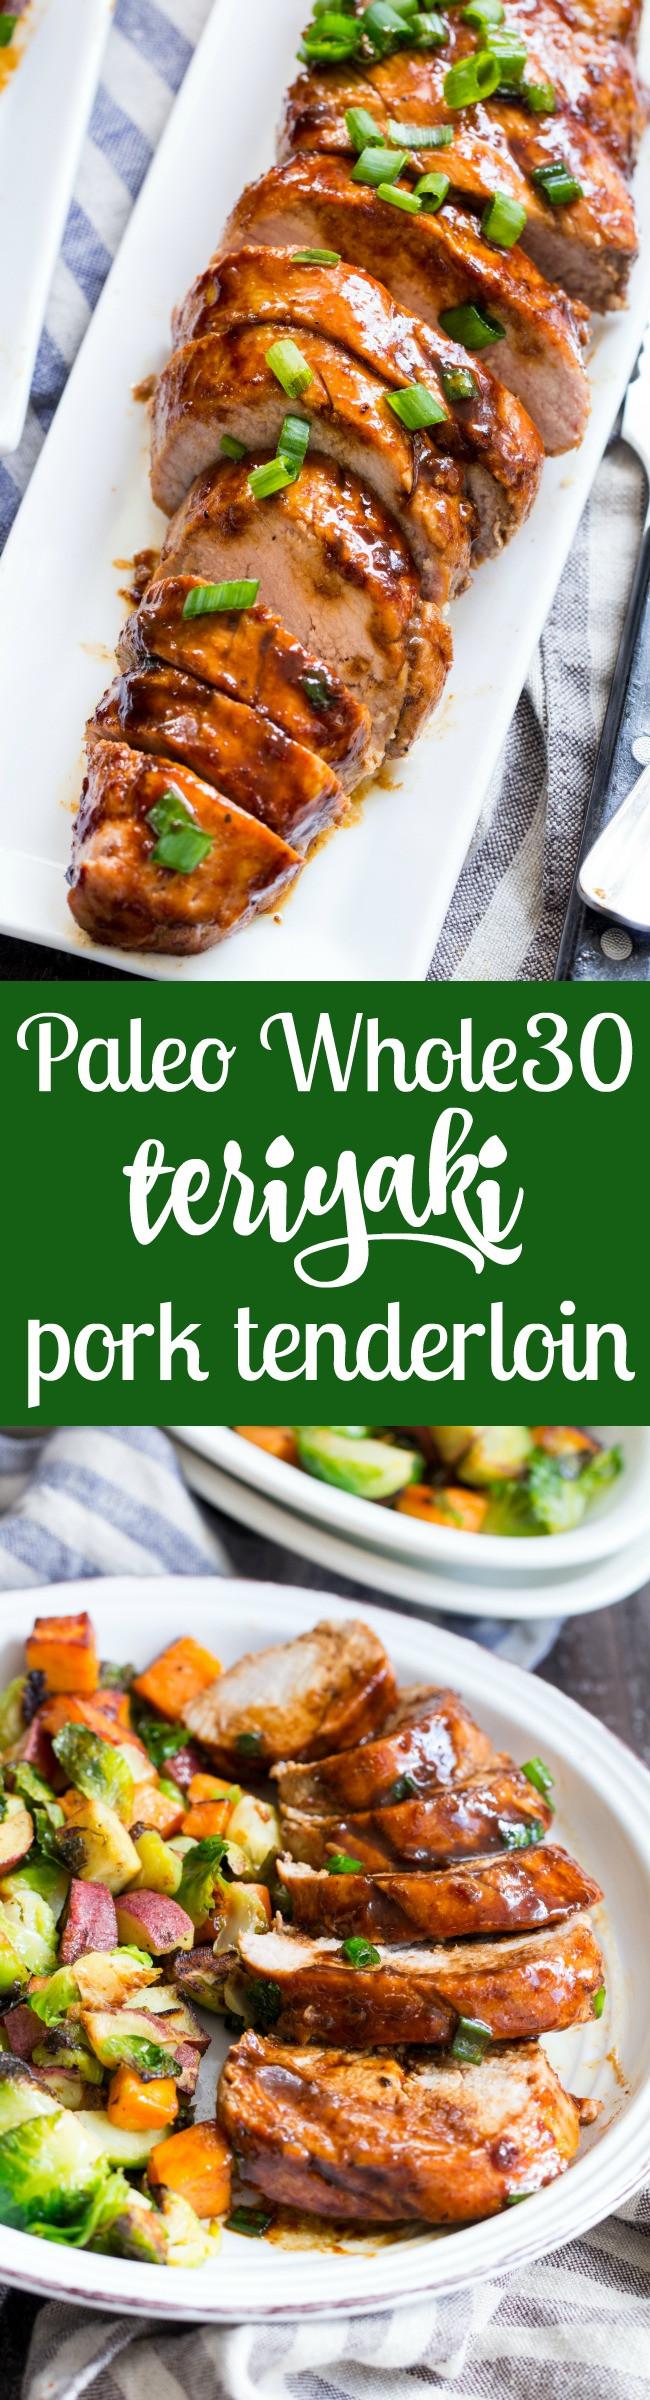 Paleo Pork Tenderloin  Paleo Pork Tenderloin with Teriyaki Sauce Whole30